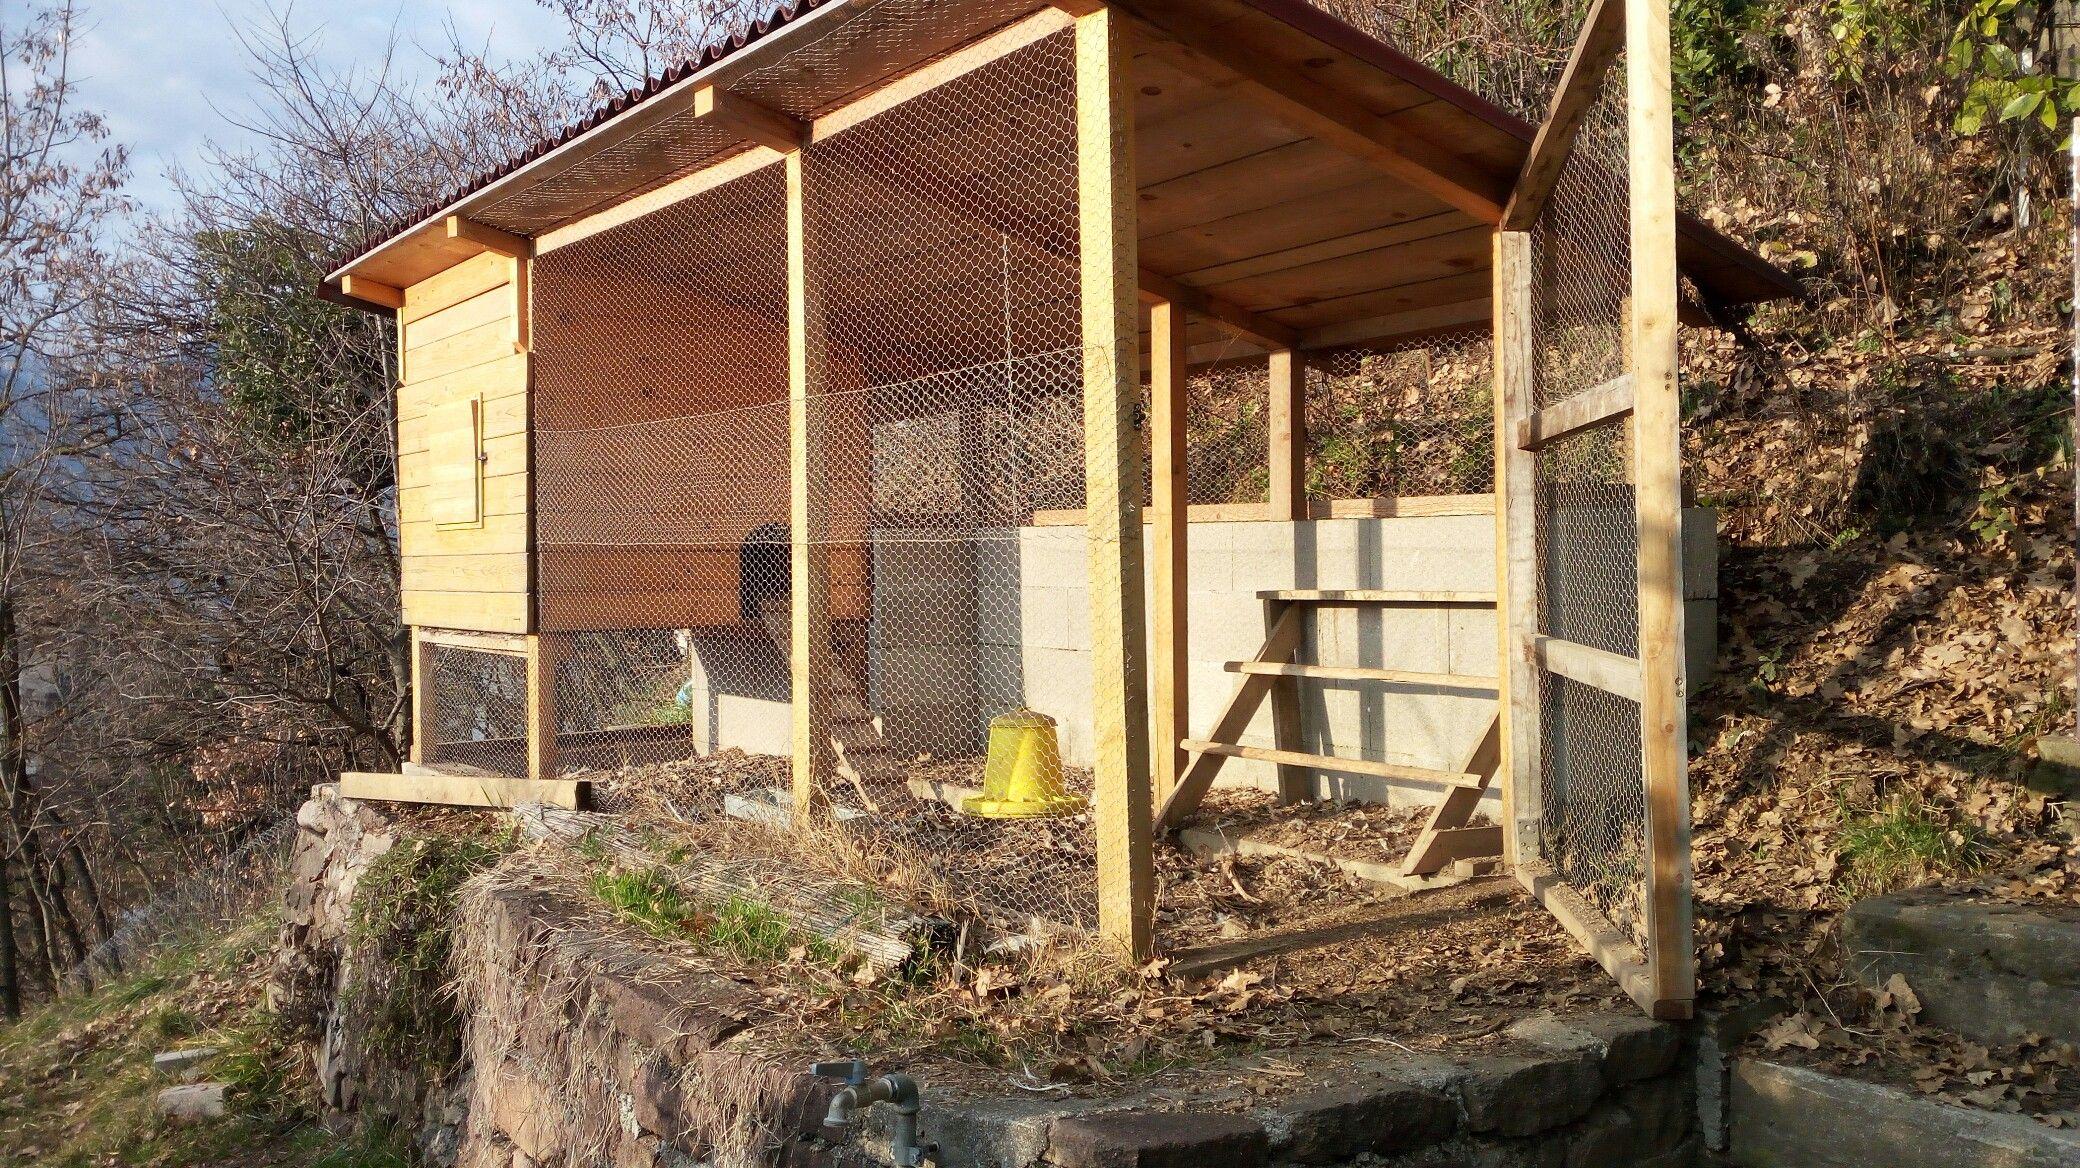 pollaio fai da te pollaio house styles home decor e coops